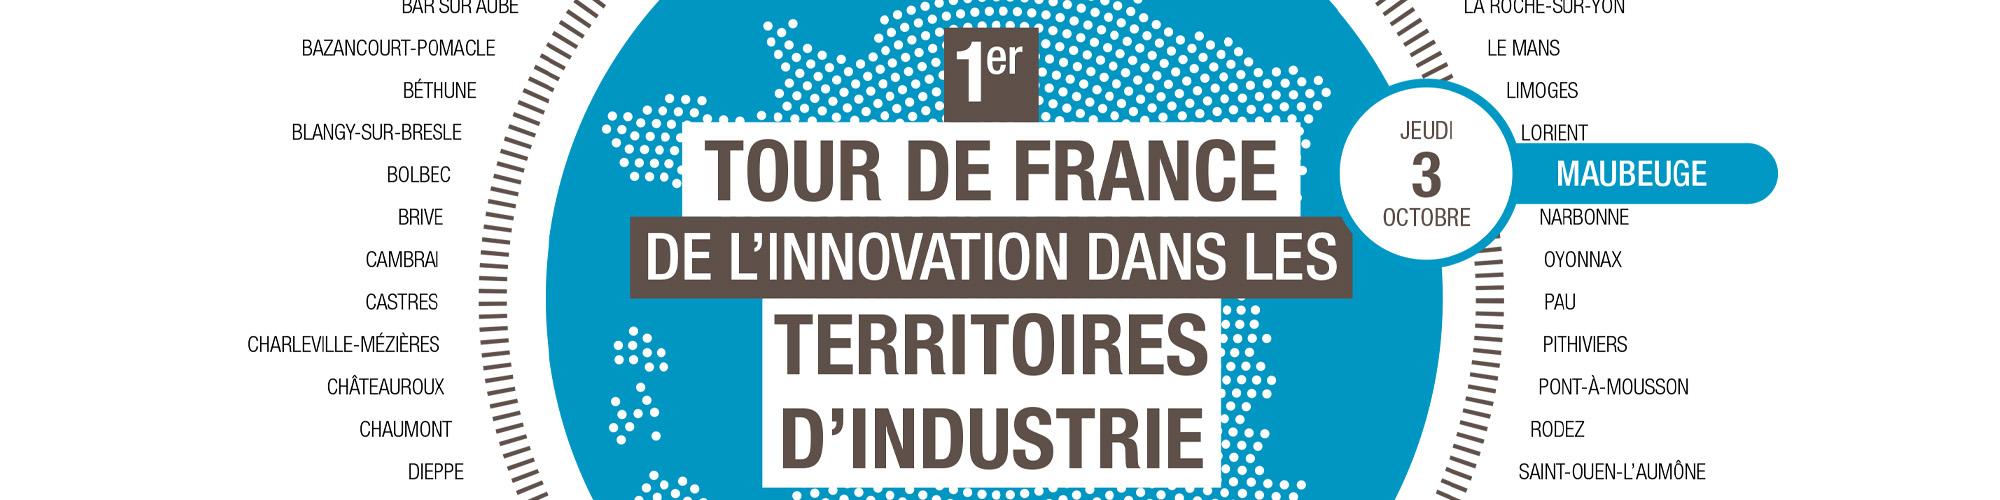 Tour de France de L'innovation